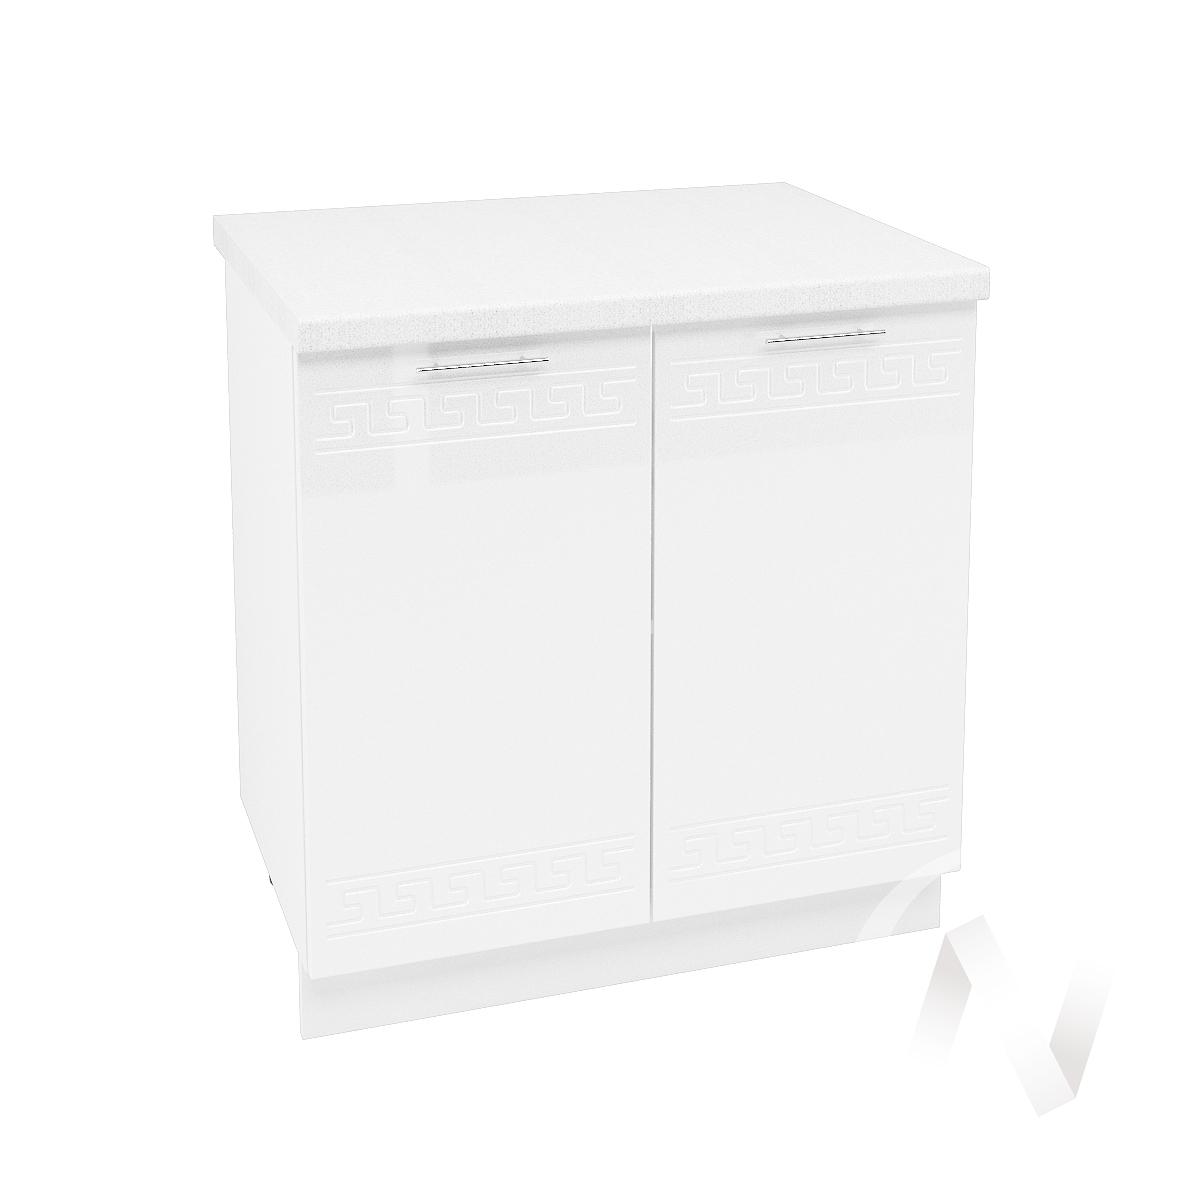 """Кухня """"Греция"""": Шкаф нижний 800, ШН 800 (белый металлик/корпус белый)"""